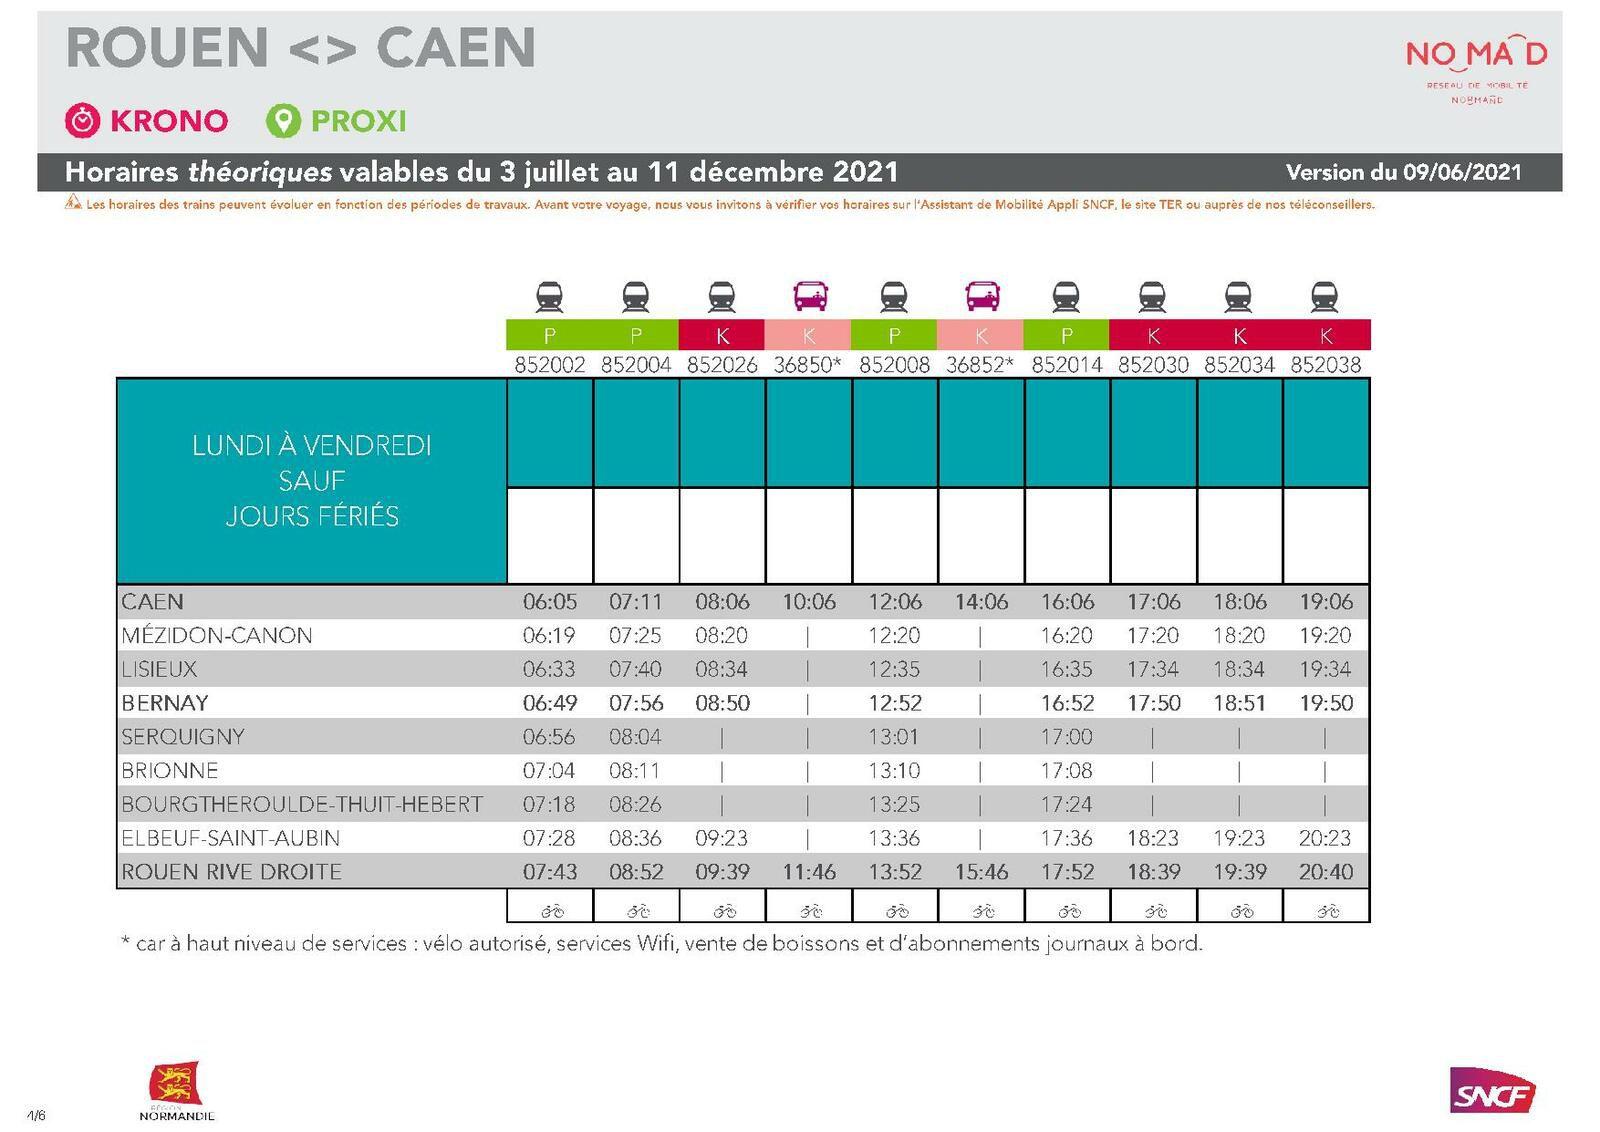 Caen > Rouen du 3 juillet au 11 décembre 2021 - version du 10 juin 2021